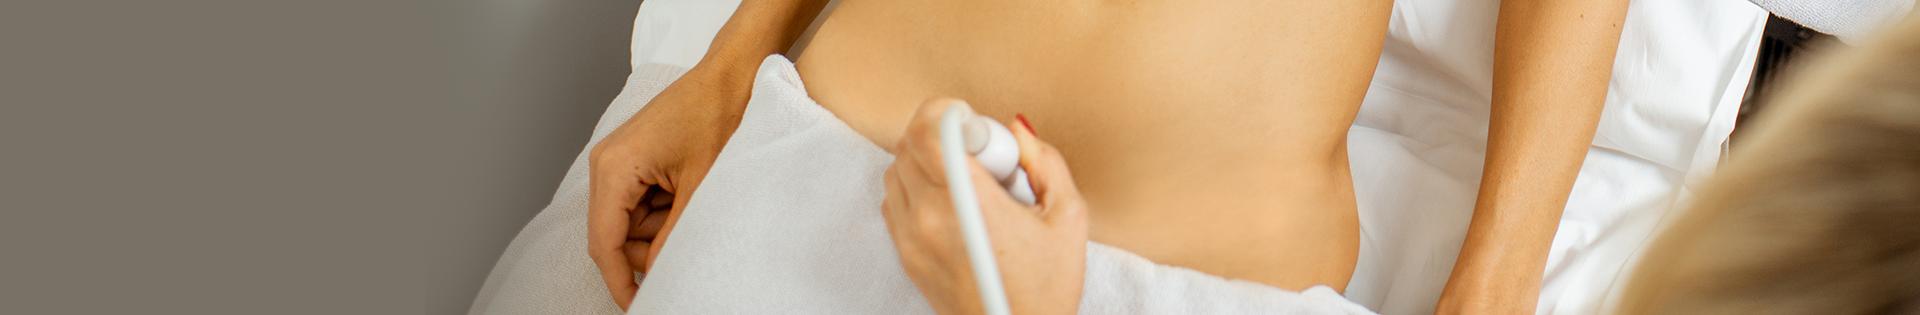 O que é ultrassonografia pélvica e o que pode diagnosticar